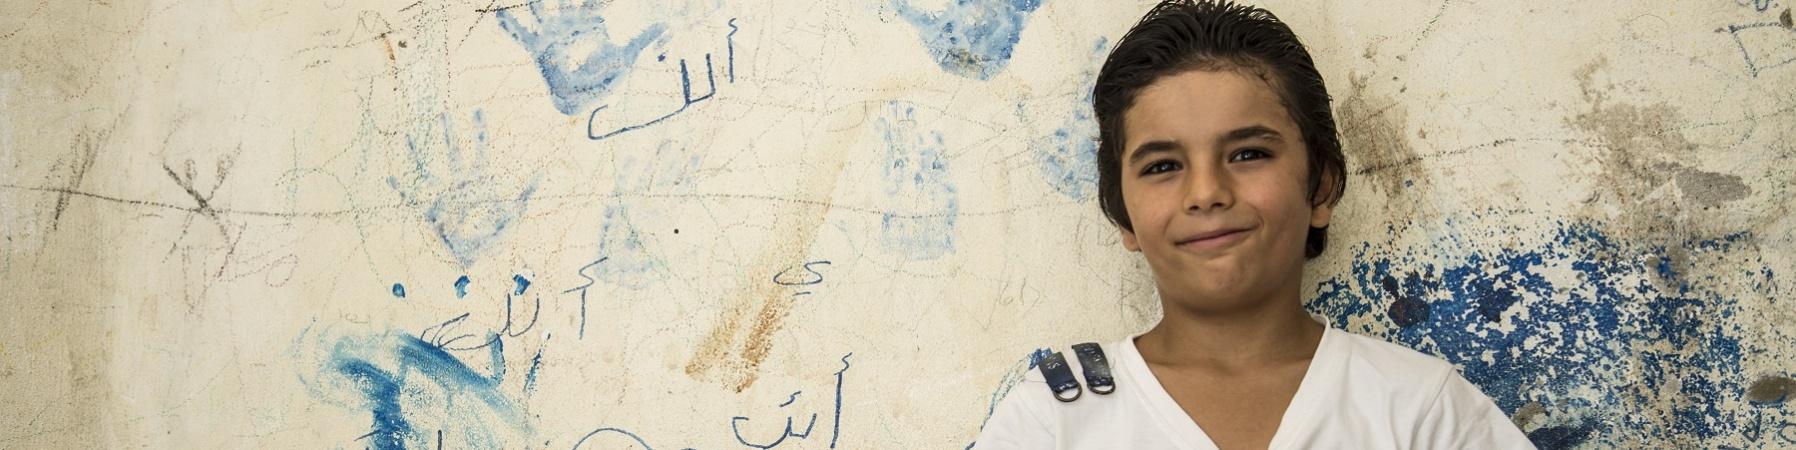 bambino sorridente appoggiato al muro